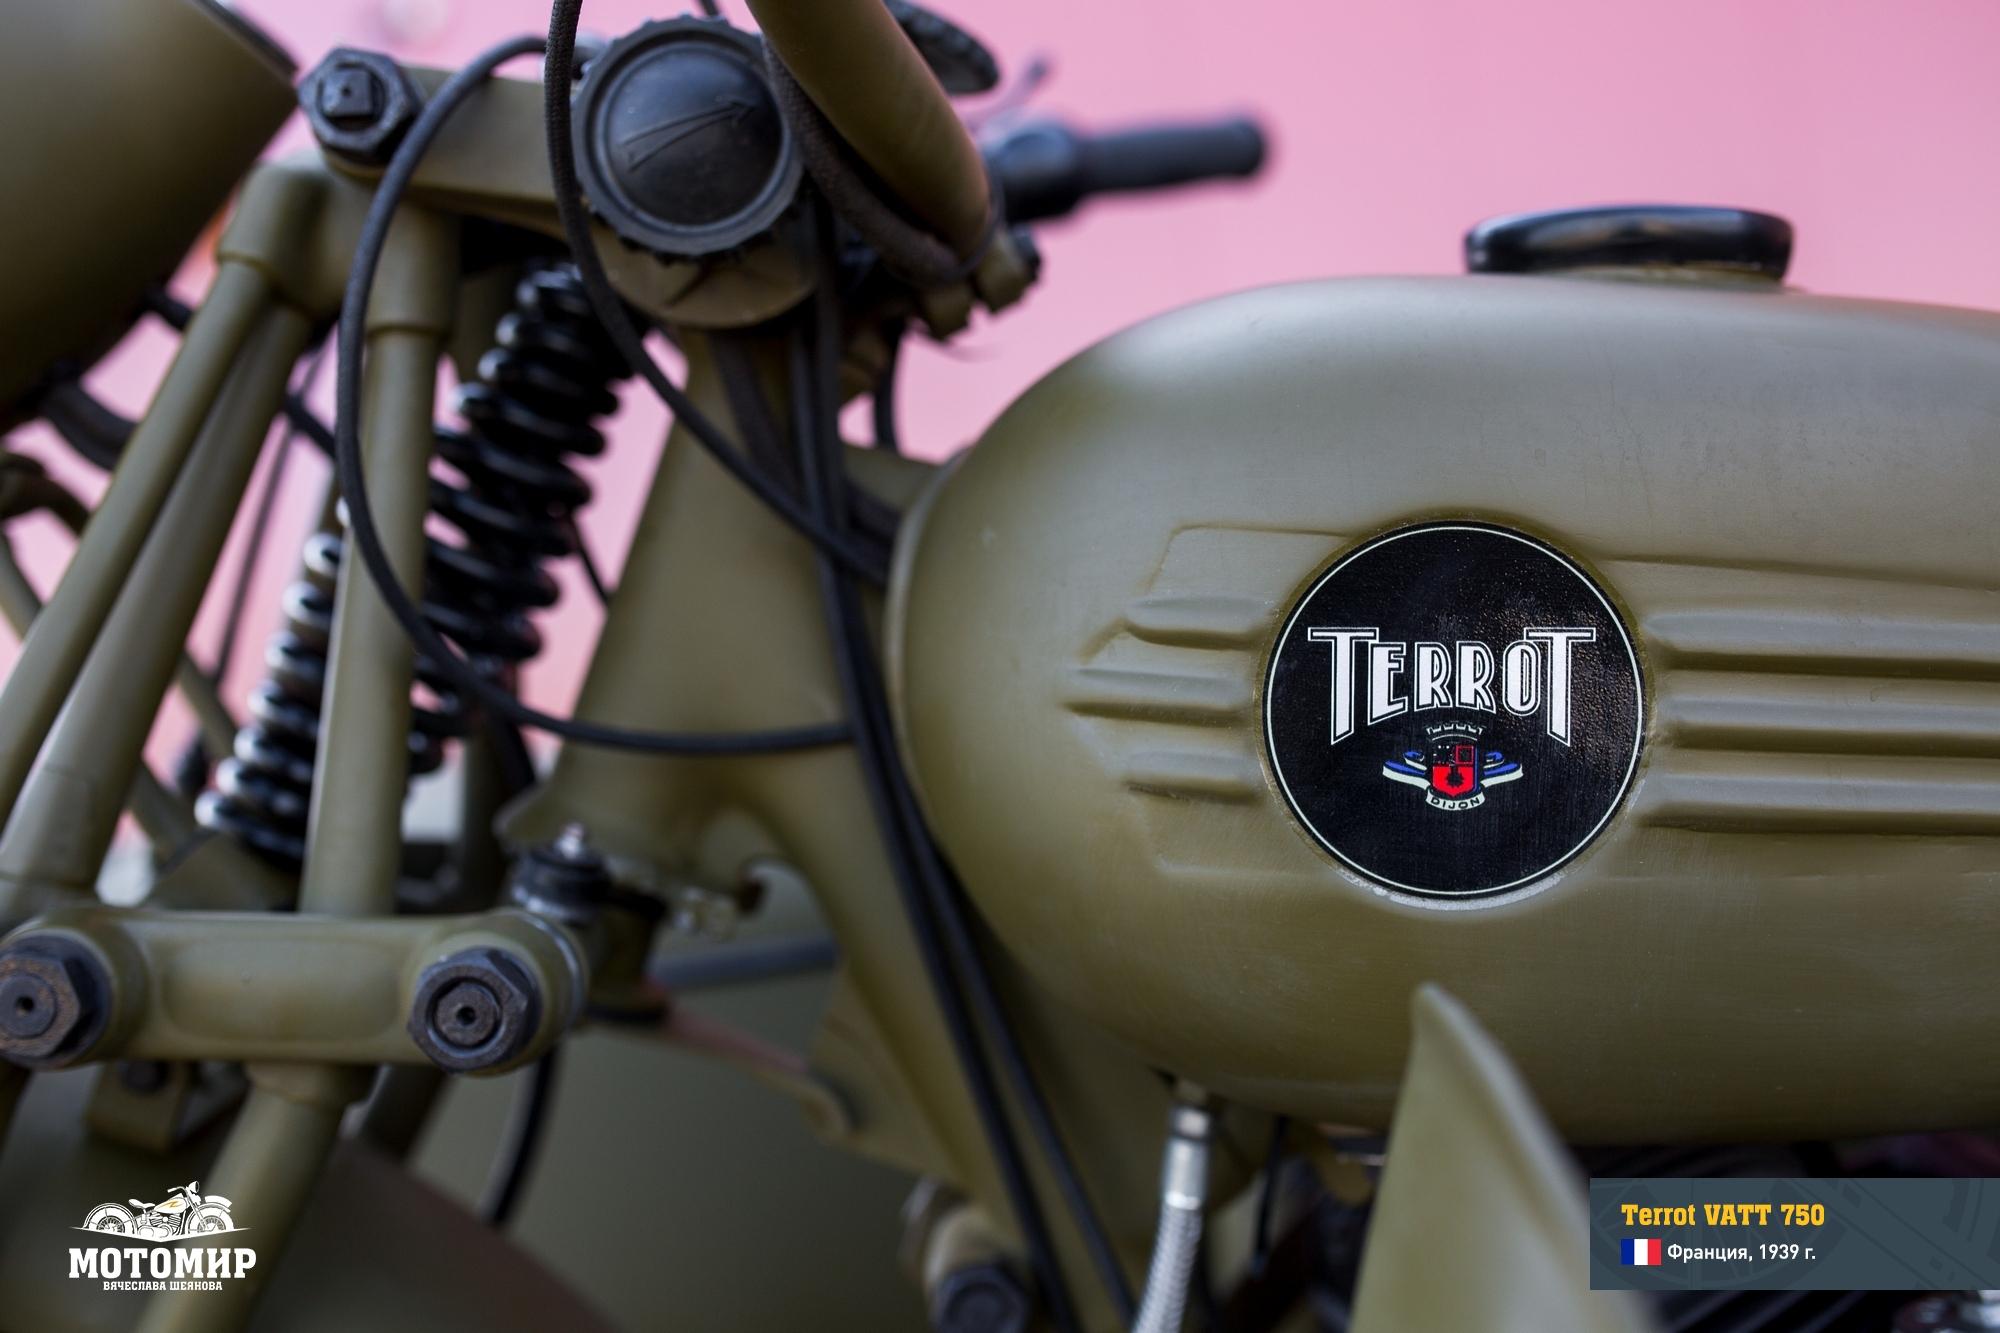 terrot-vatt-750-201507-web-40